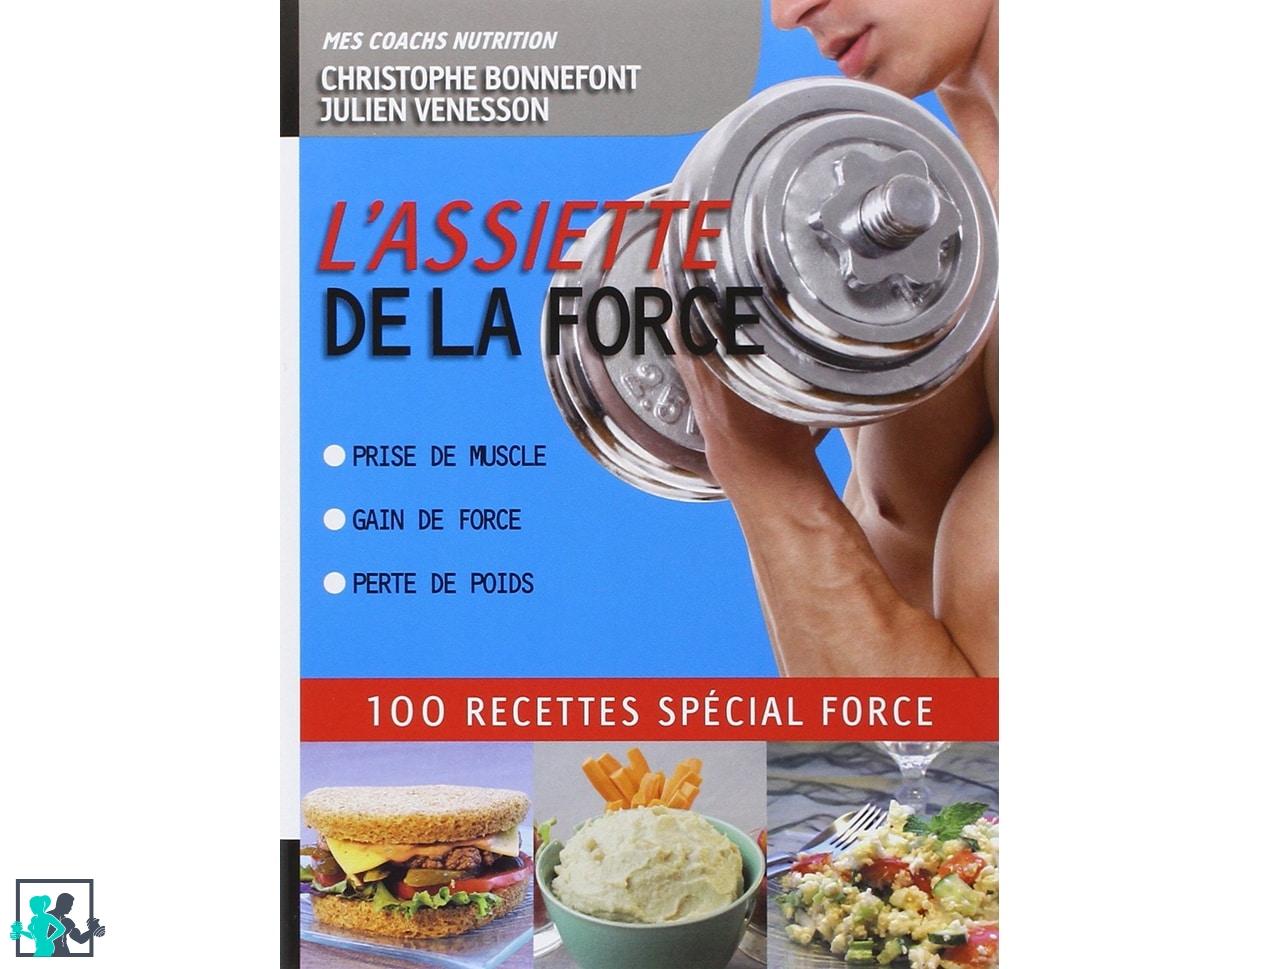 Les meilleurs livres de nutrition sportive